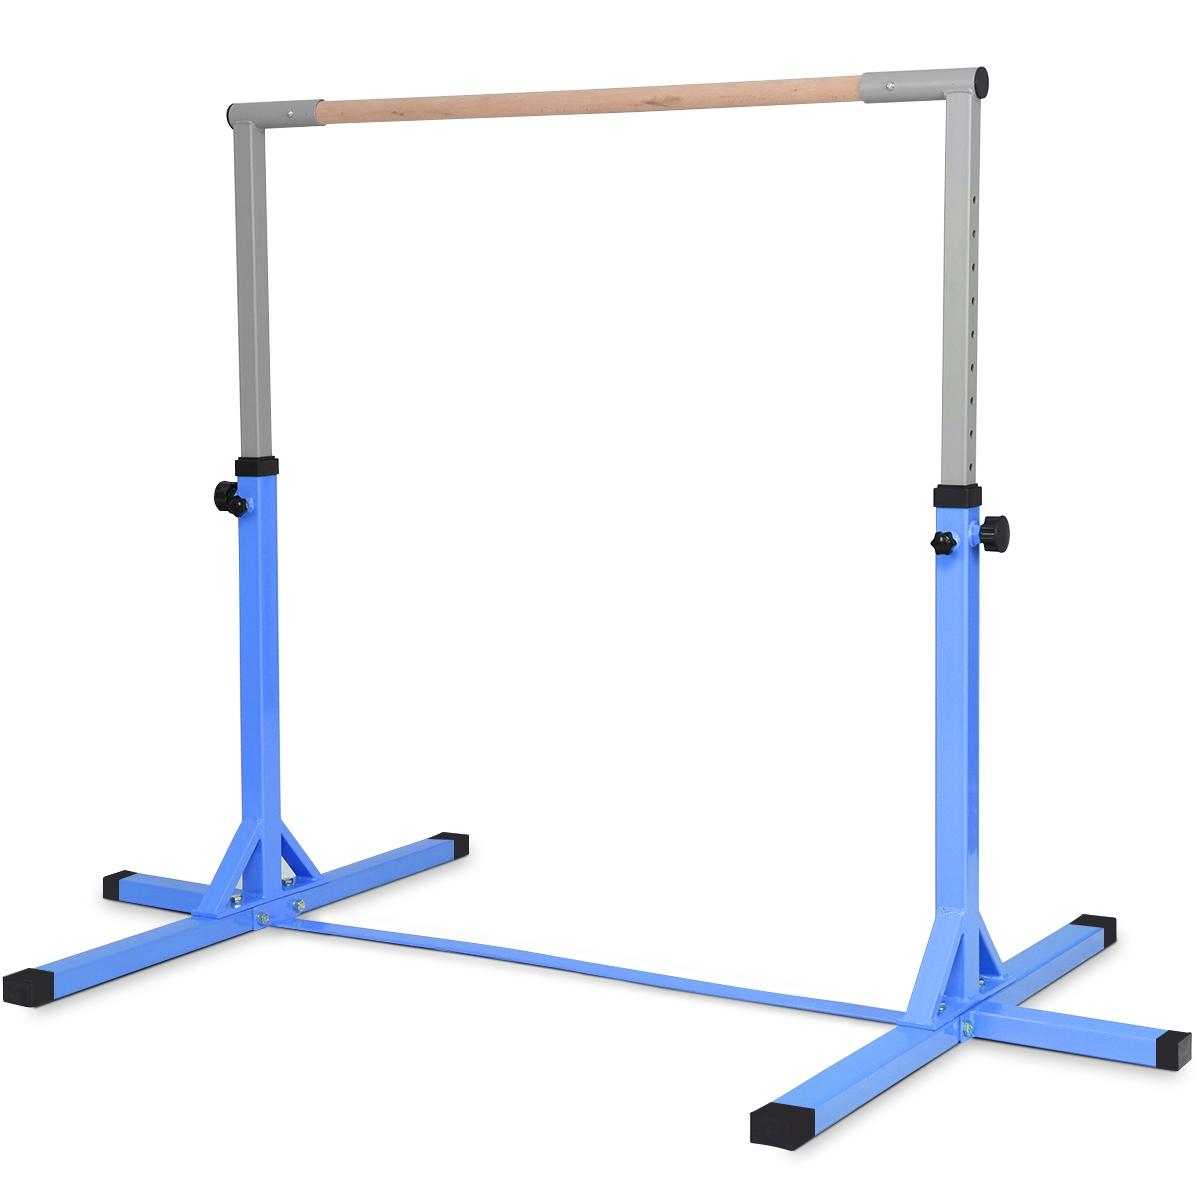 Costway Barre De Gymnastique En Acier Hauteur Réglable De 91 À 150Cm  Capacité De Poids 100Kg Bleu destiné Barre De Gymnastique Pour Jardin